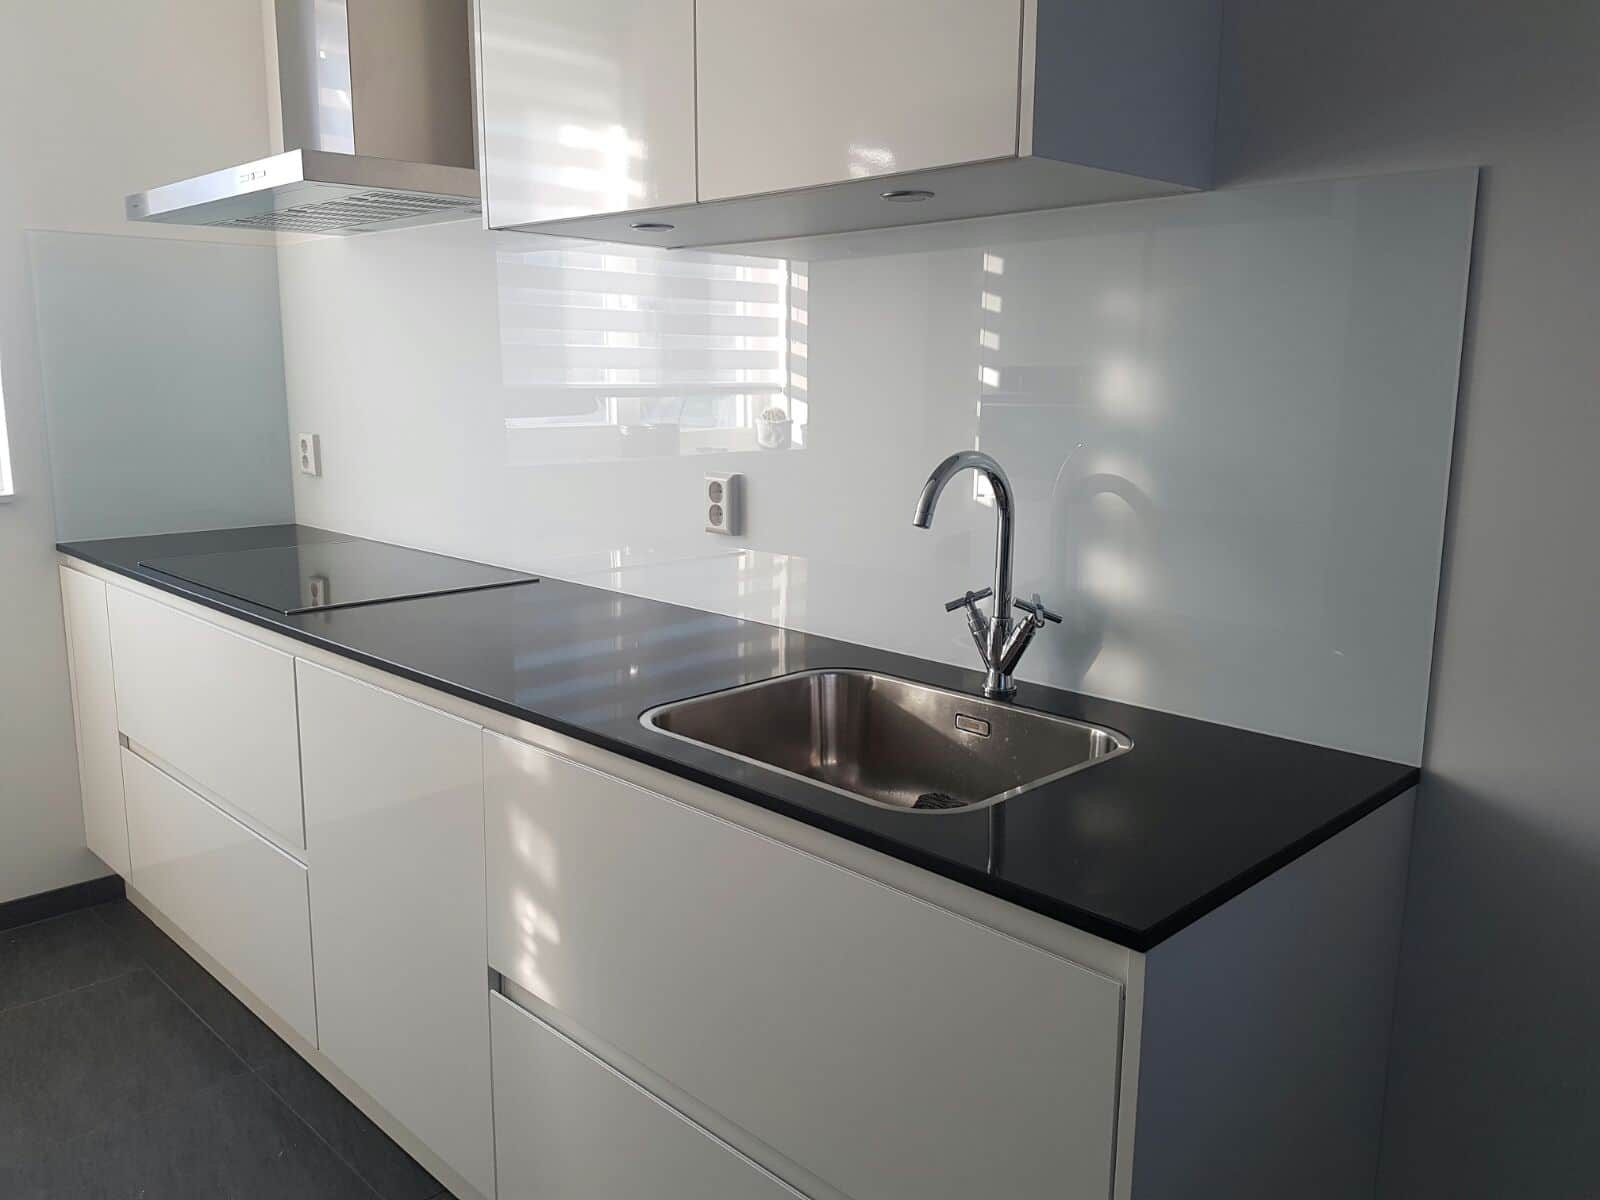 glasplaat monteren : Keuken Achterwand Glas Glazen Keuken Achterwand Glasbestellen Nl